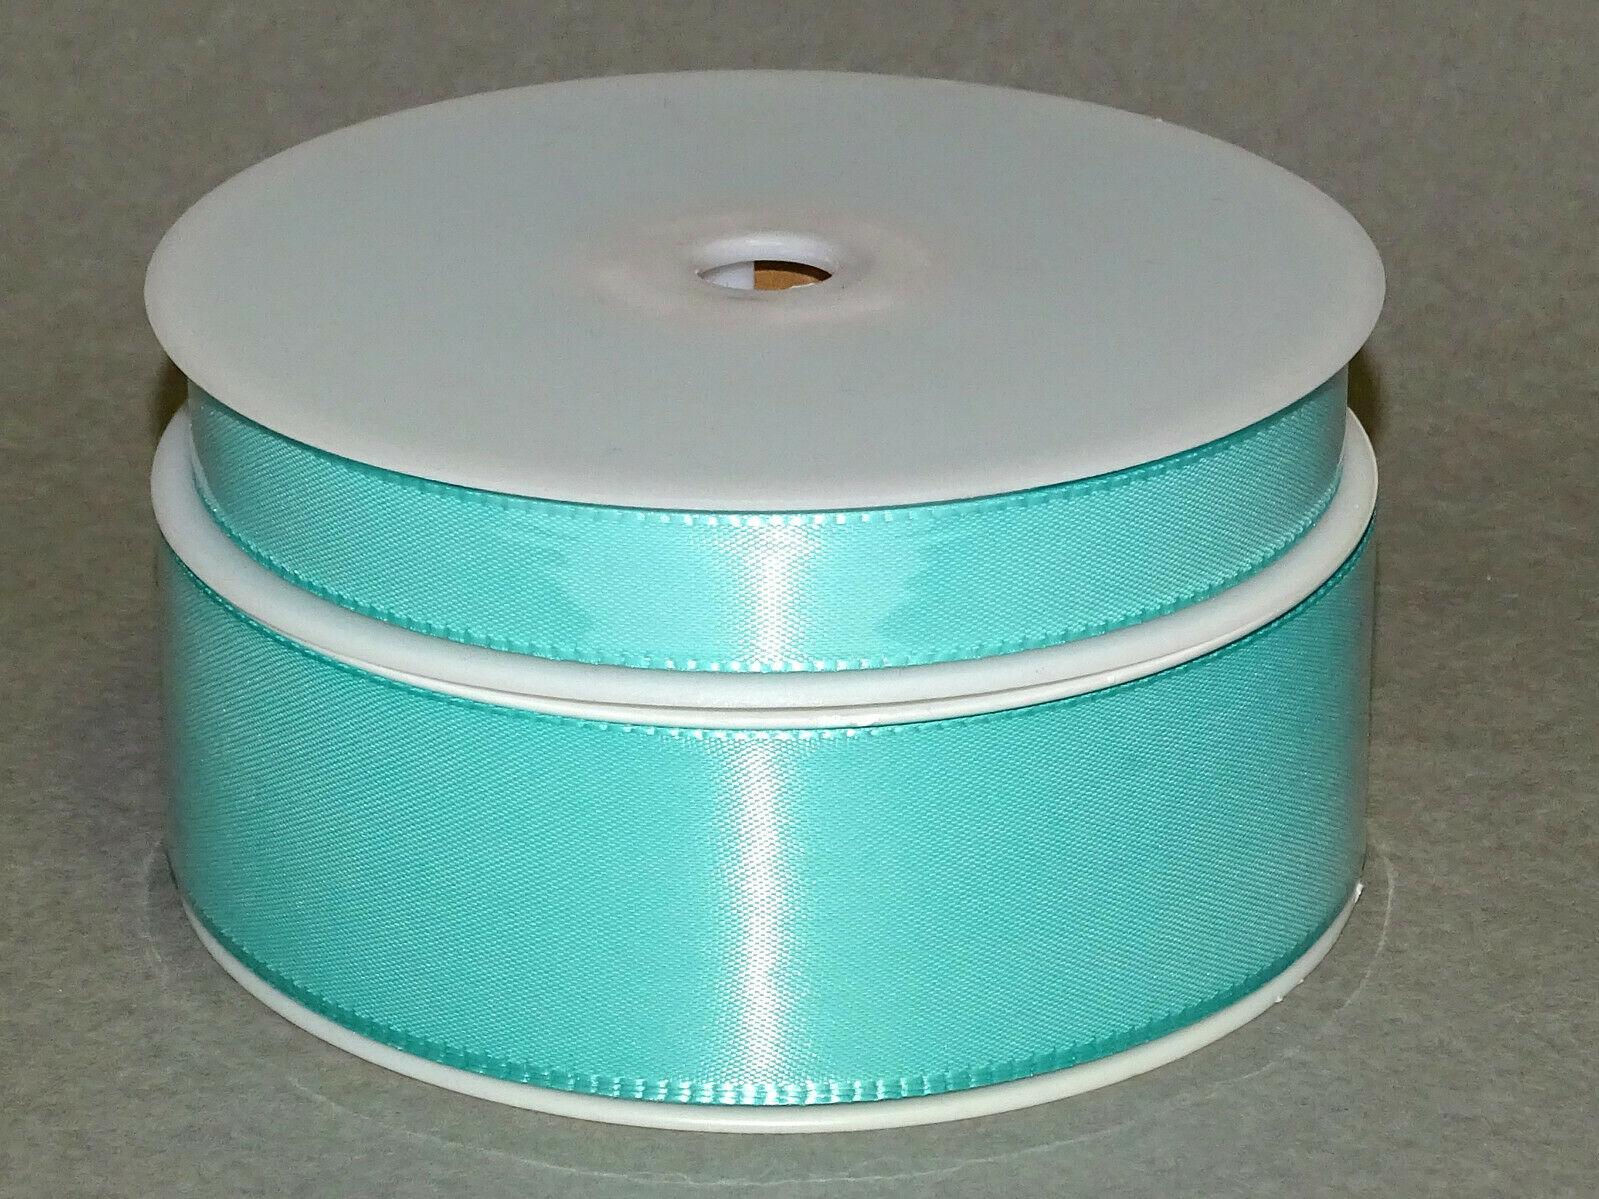 Seidenband Schleifenband 50 m x 15 mm / 40 mm Dekoband ab 0,08 €/m Geschenkband  - Aqua-Mint 146, 15 mm x 50 m